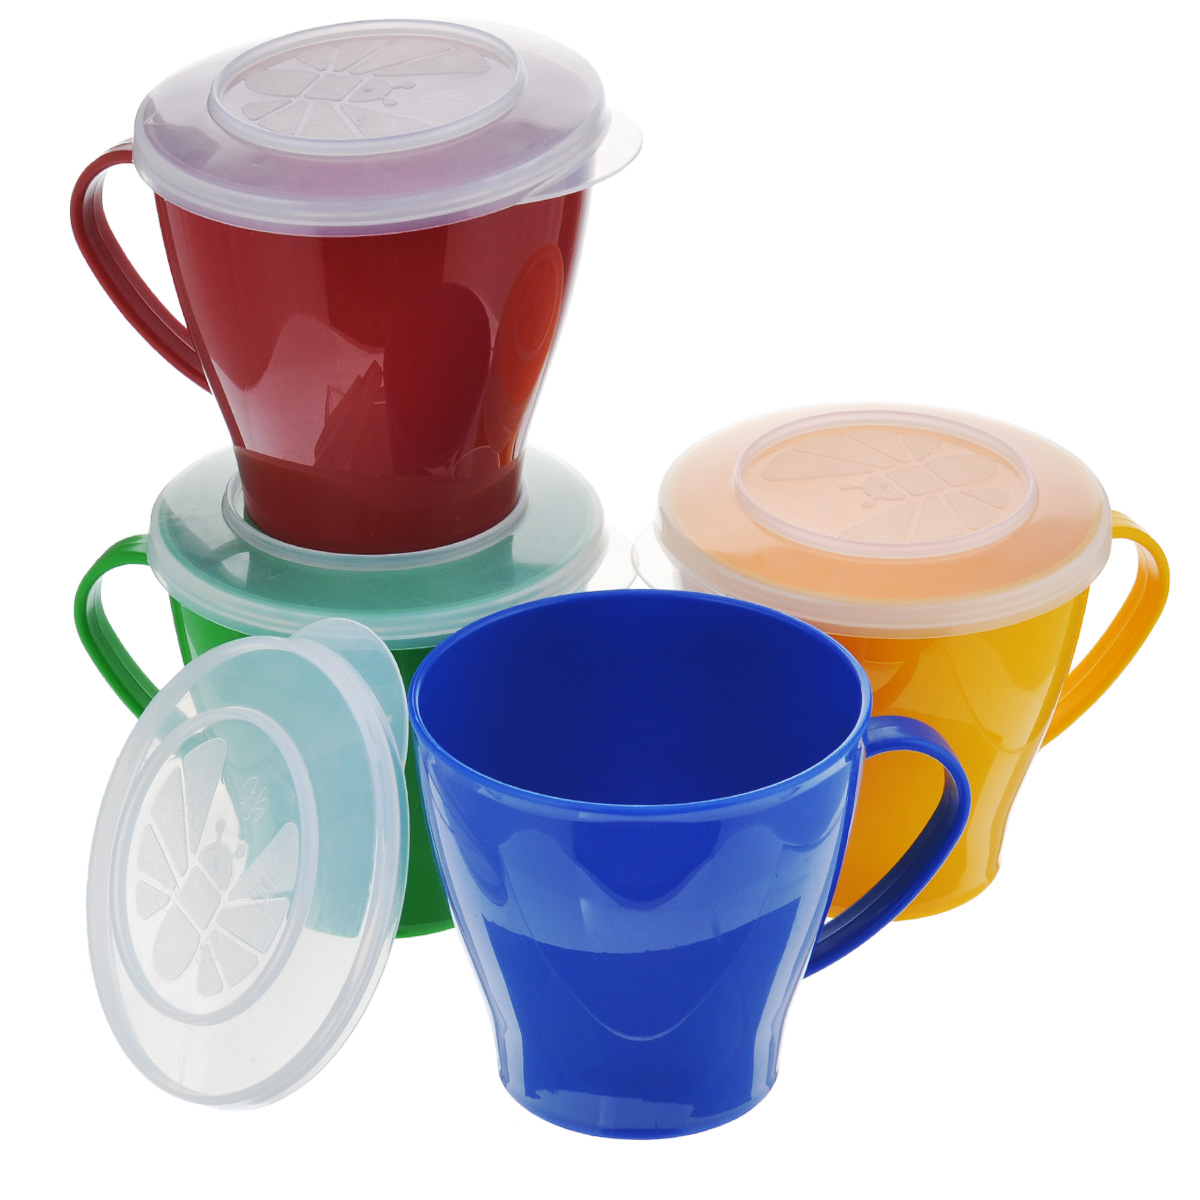 Набор чашек Solaris, 0,36 л, 4 шт посуда для микроволновой печи ruges кастрюля для микроволновки лок